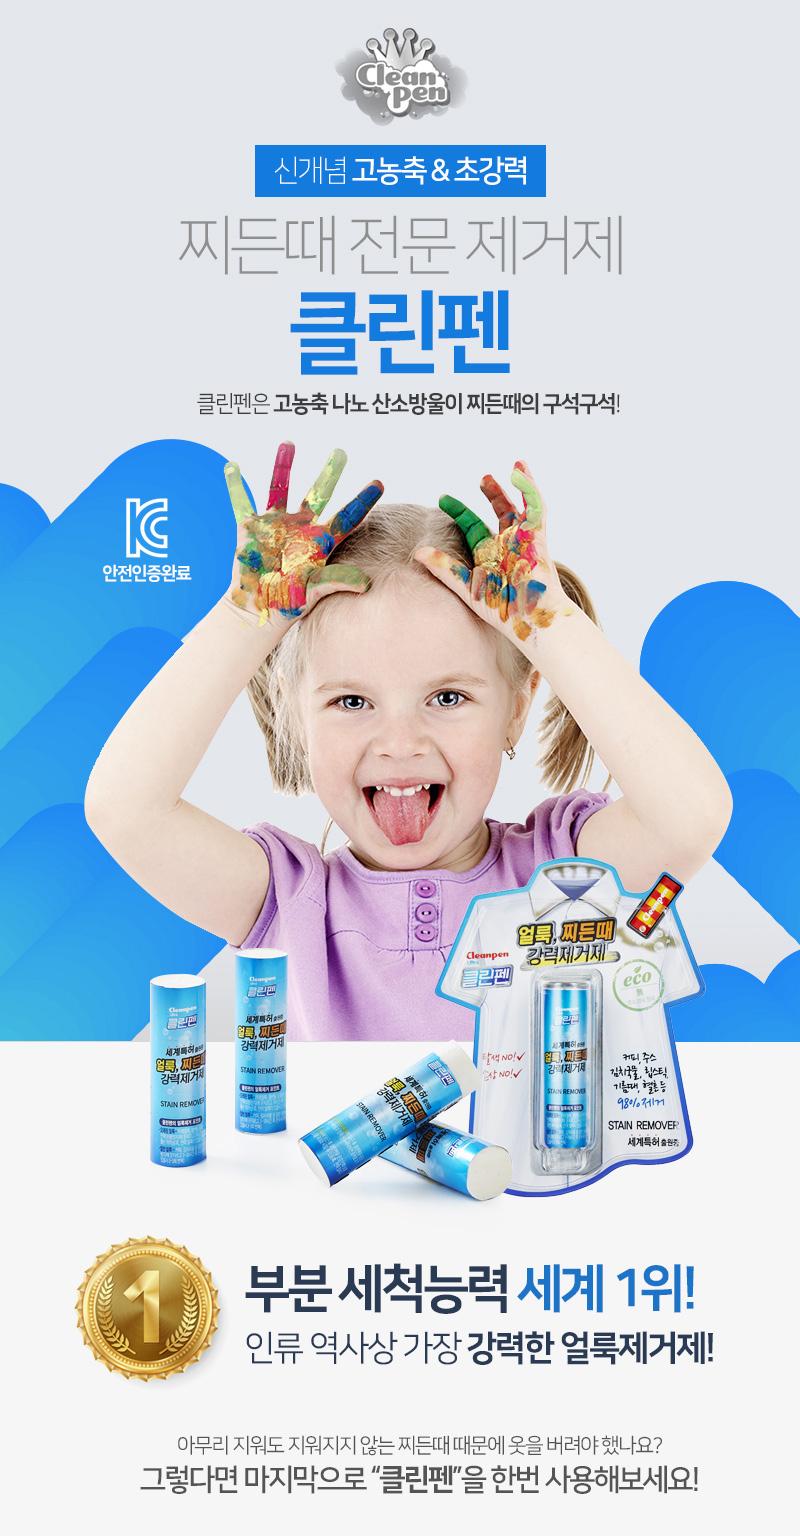 클린펜 옷 땀 커피 찌든때 만능 얼룩 제거제 - 미니플, 9,800원, 세제&섬유유연제, 가루세제